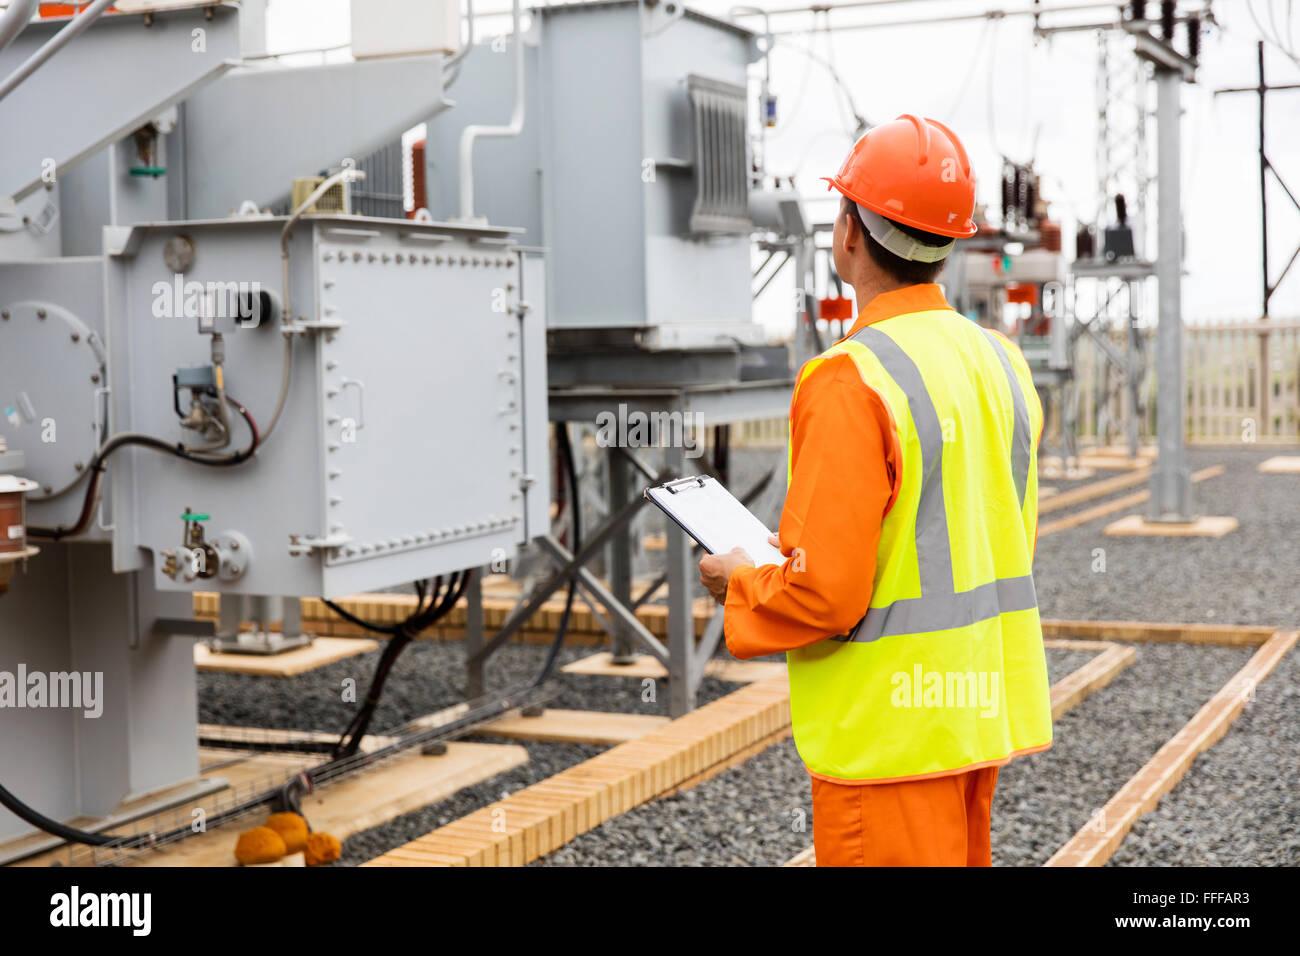 Vista posterior de la empresa de electricidad de trabajador de subestación Imagen De Stock